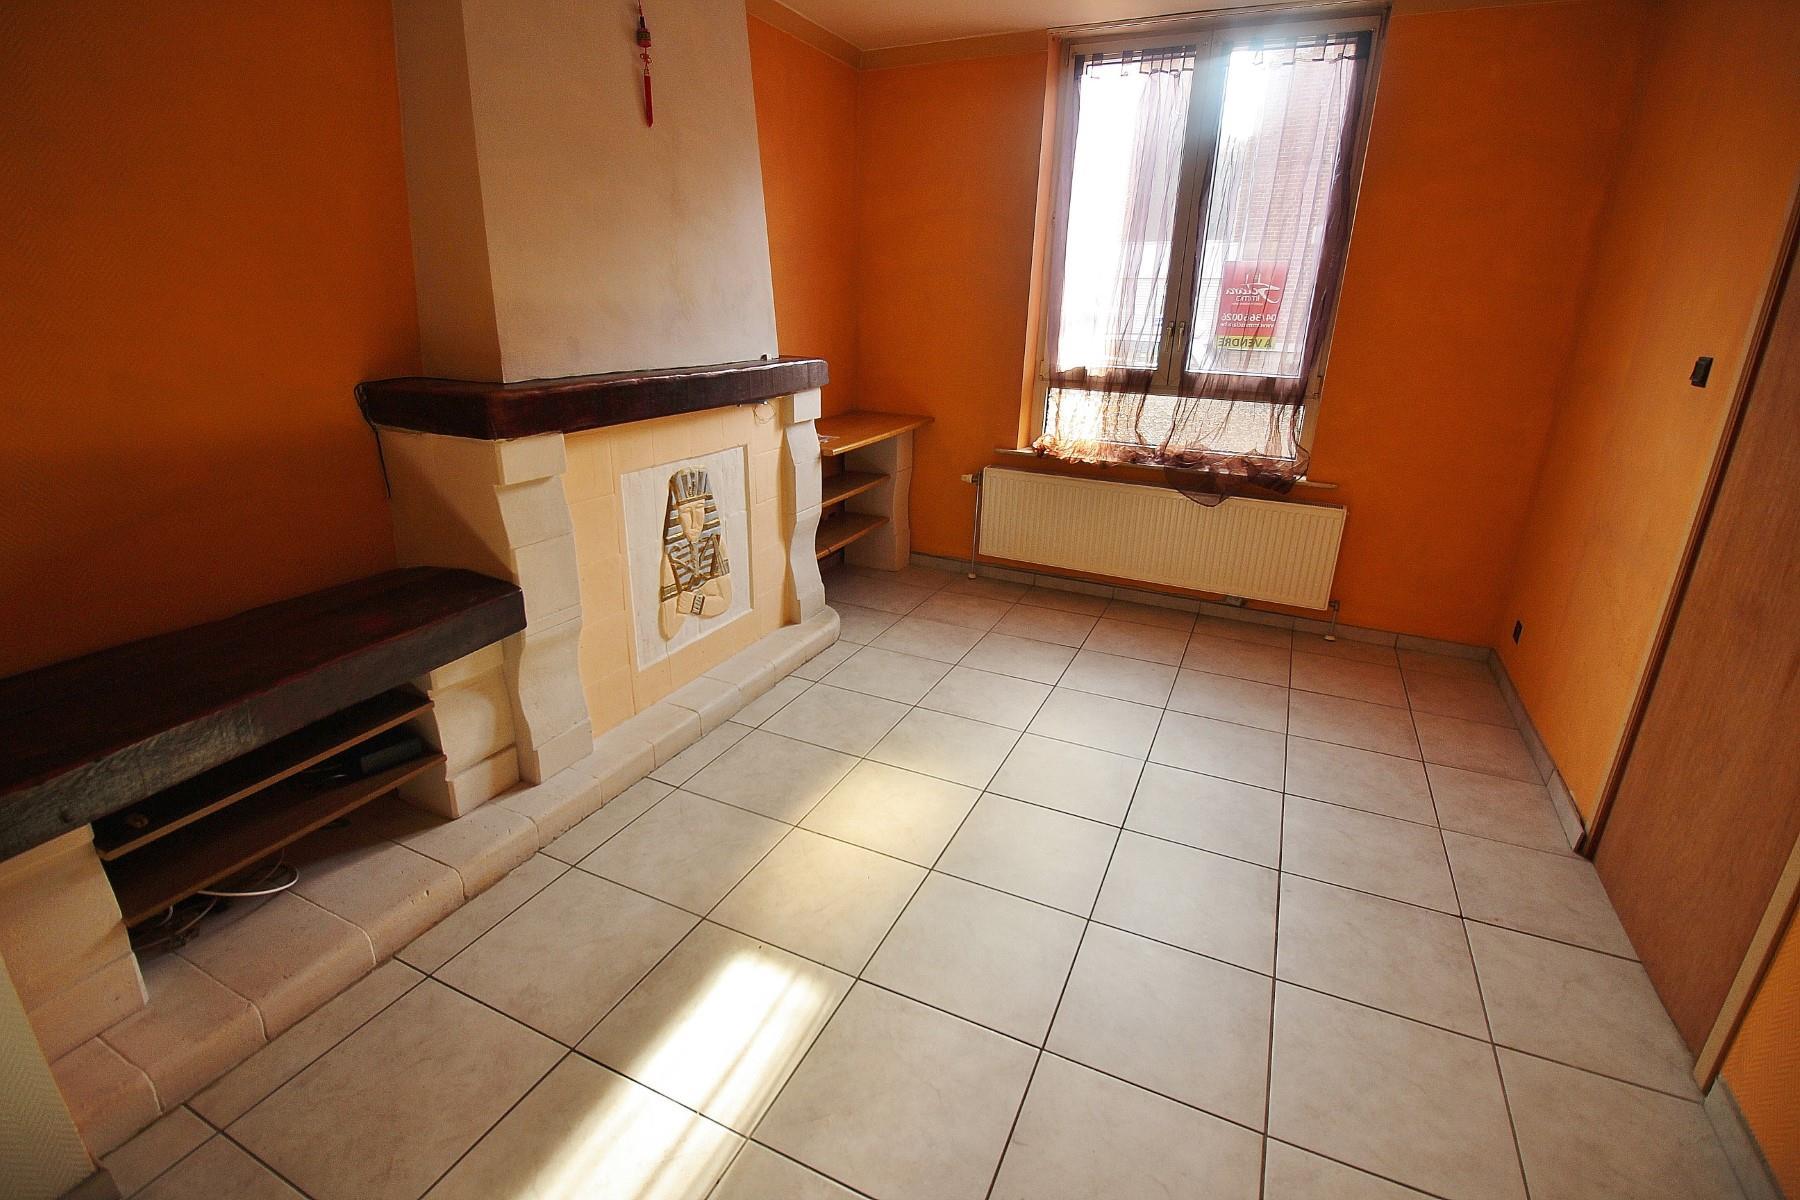 Maison - Seraing Jemeppe-sur-Meuse - #3690786-3